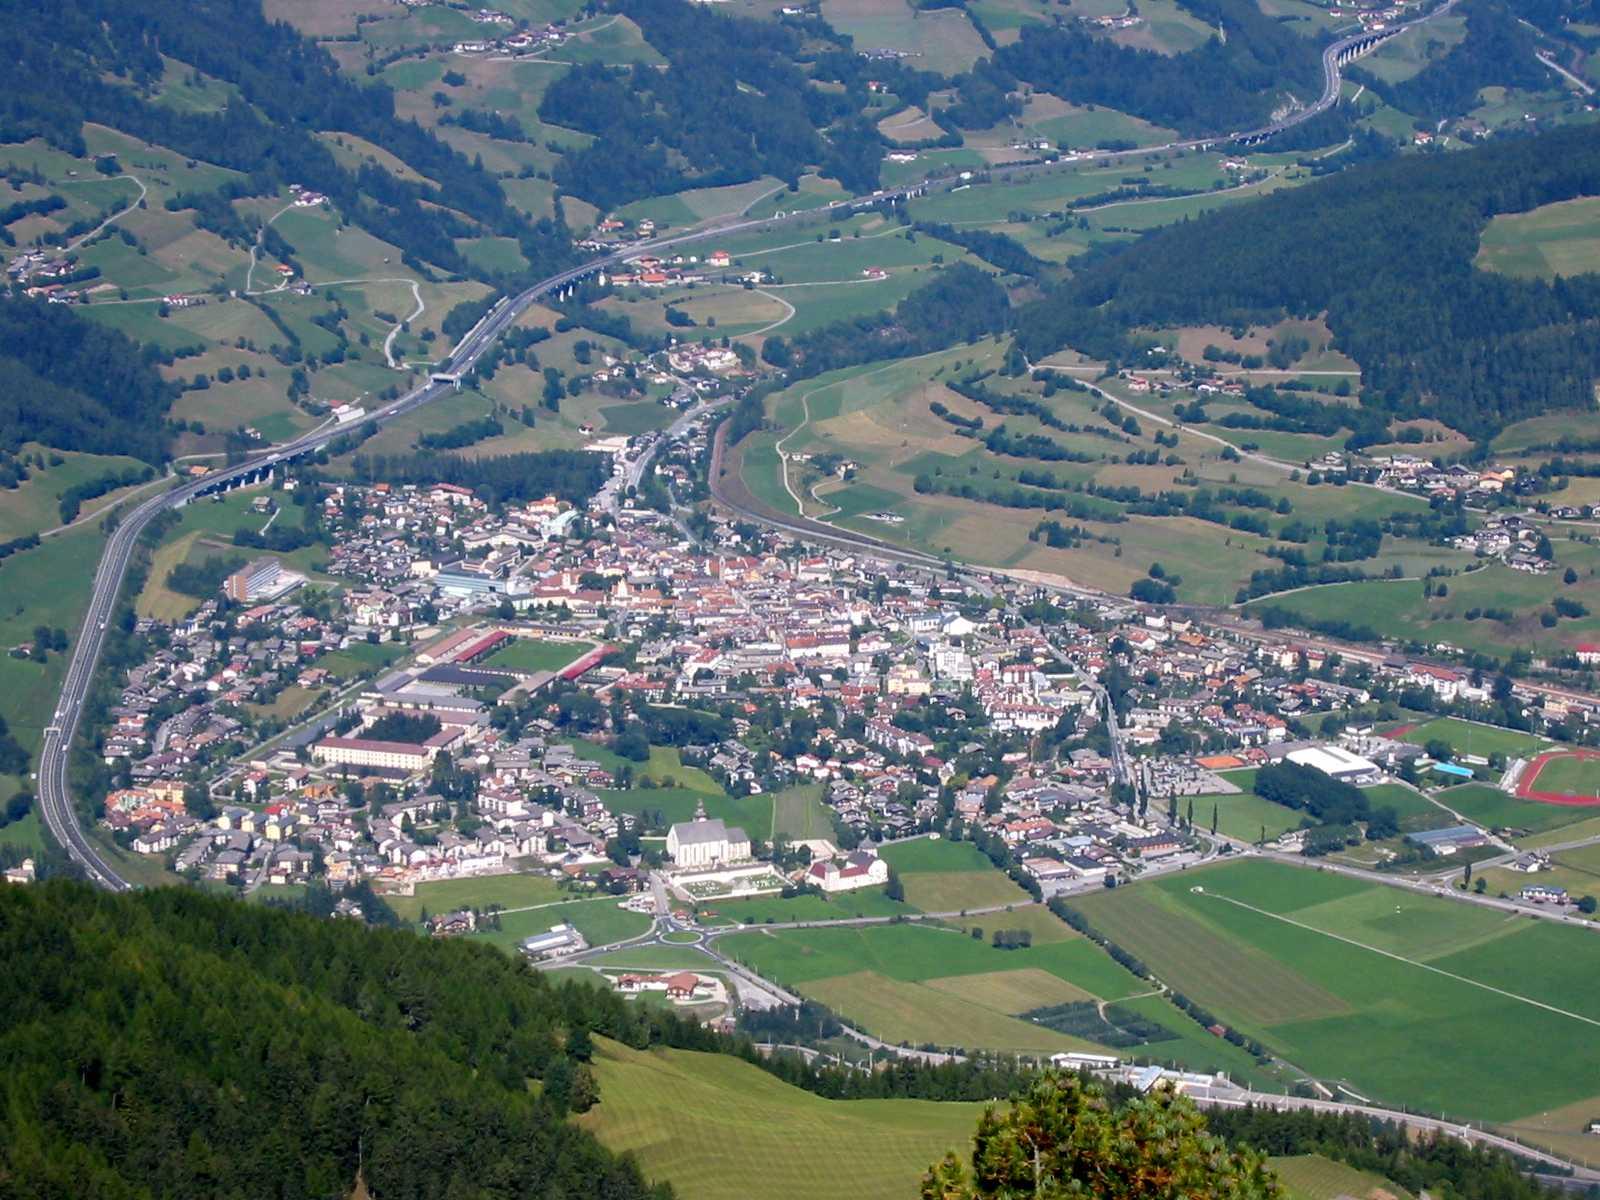 File:Sterzing-Vipiteno.JPG - Wikimedia Commons: commons.wikimedia.org/wiki/File:Sterzing-Vipiteno.JPG